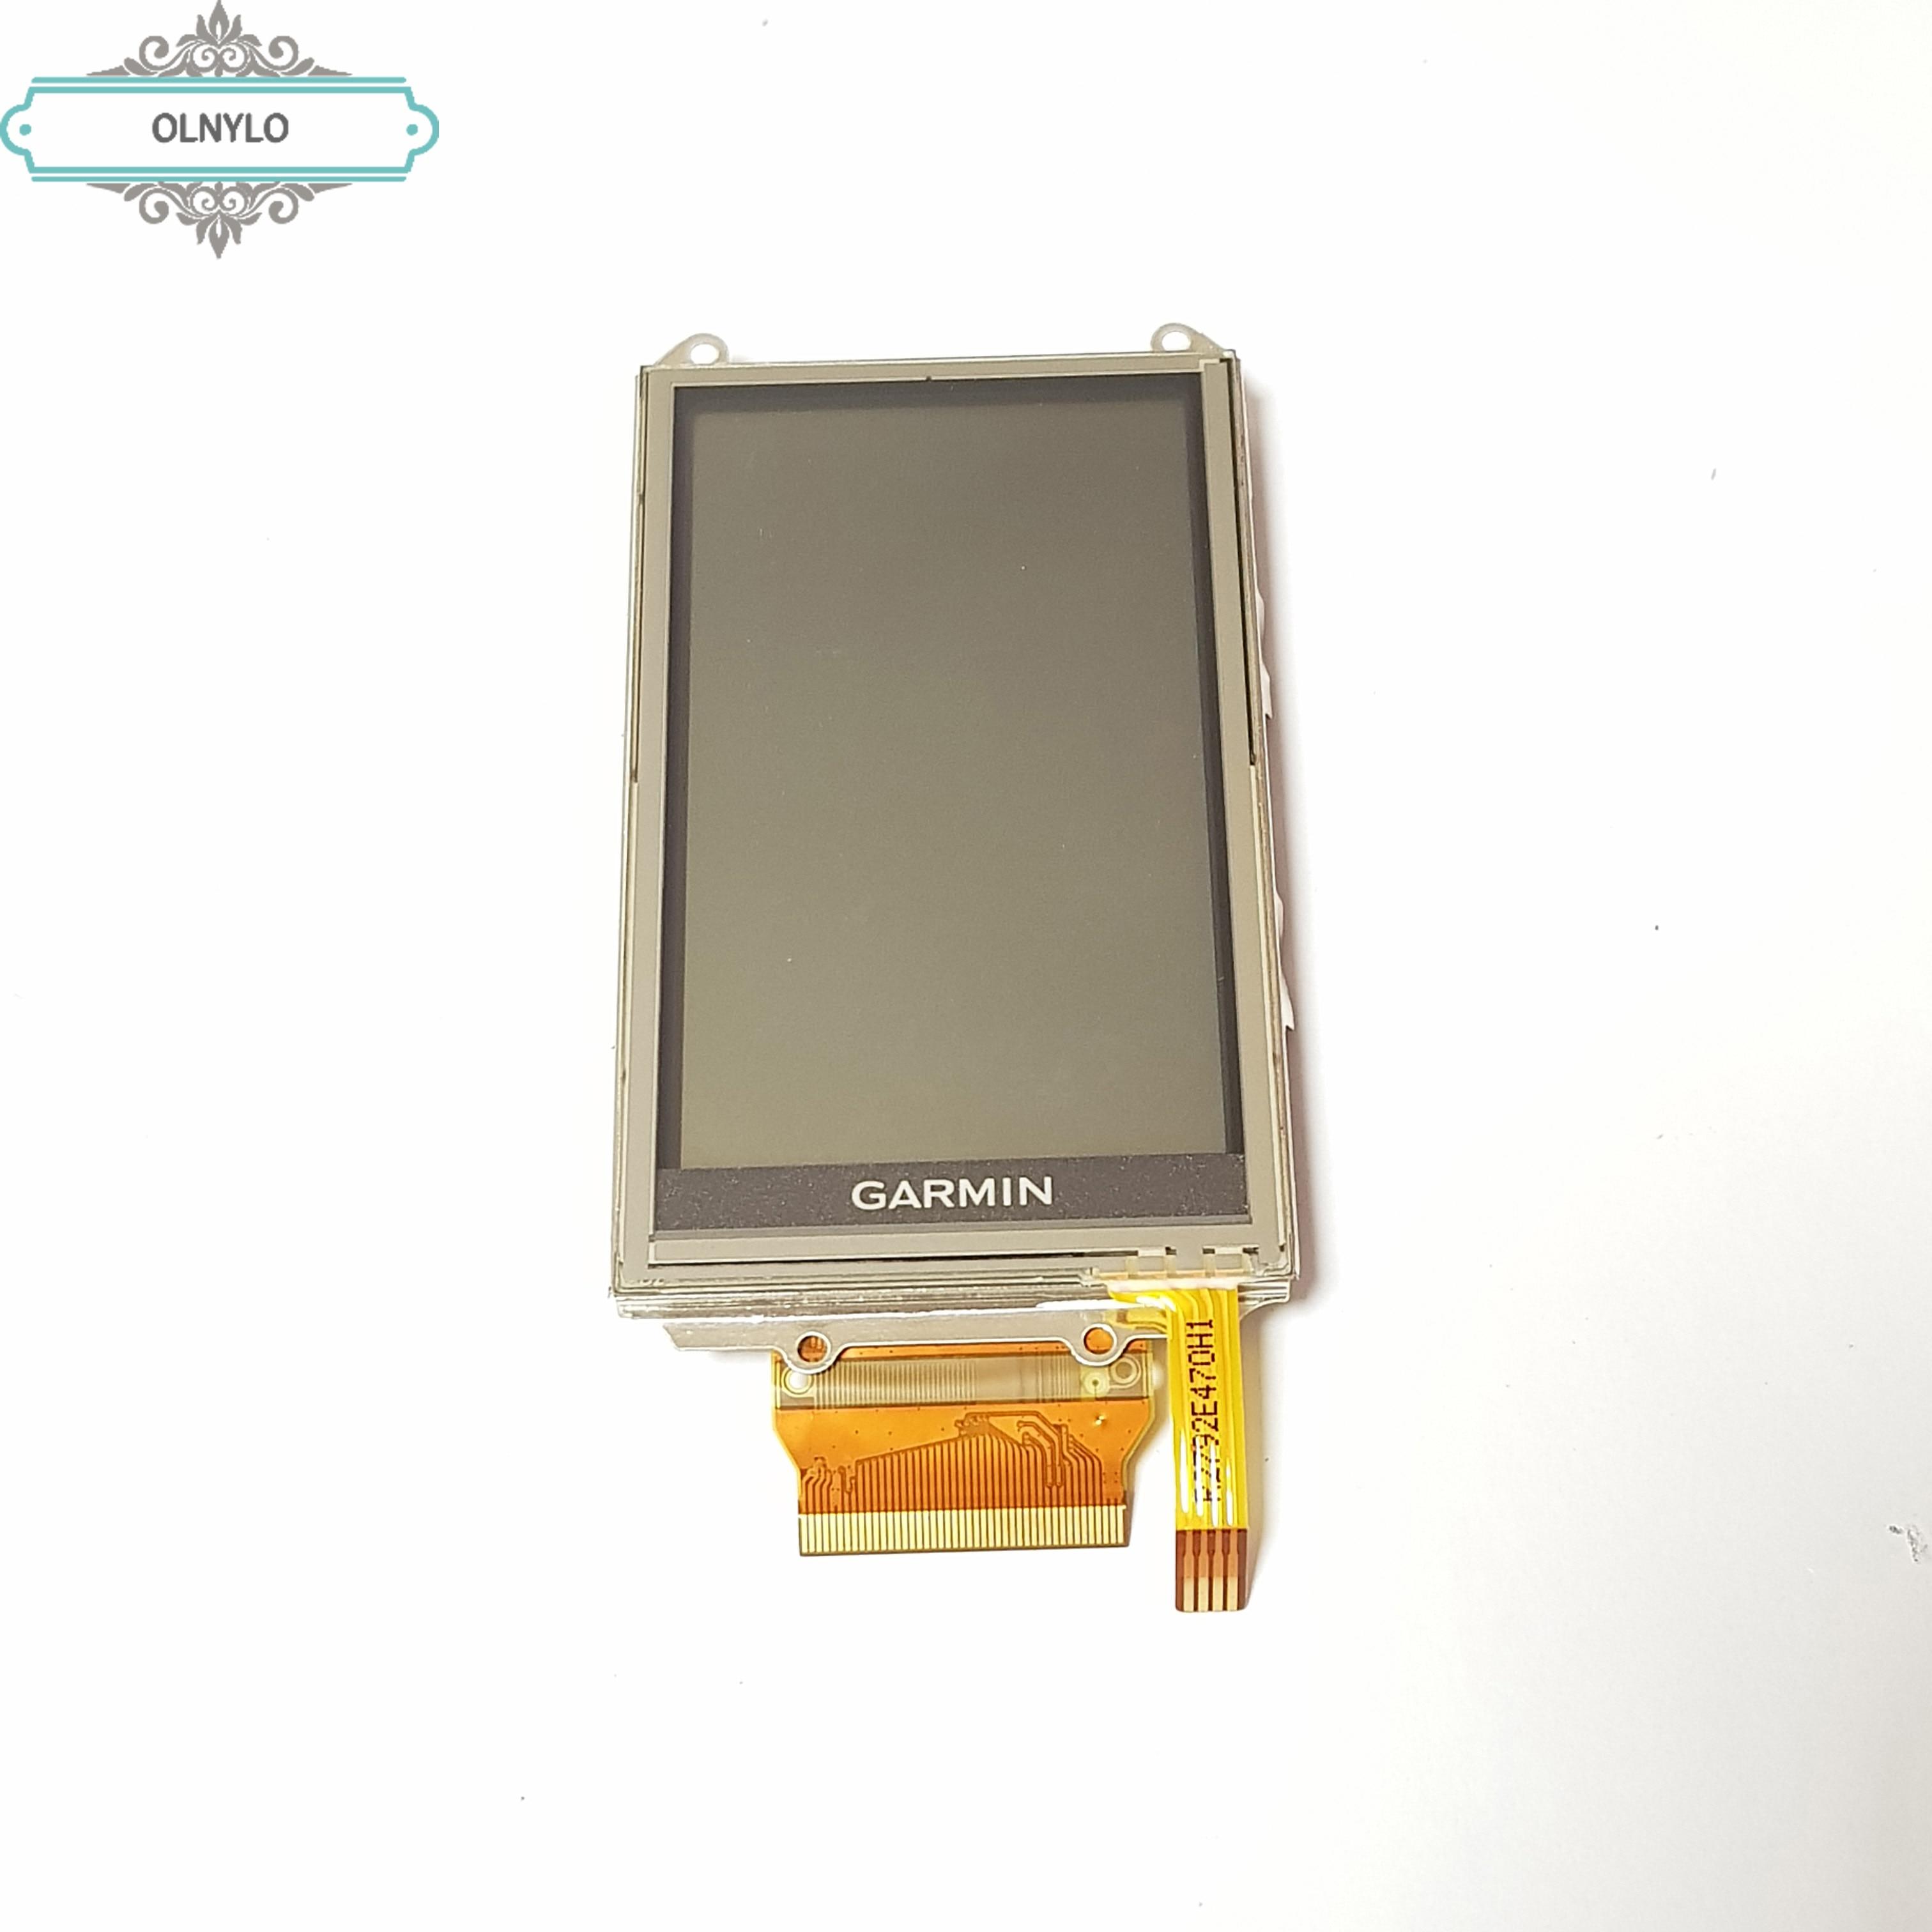 Pantalla LCD para GARMIN OREGON 550 pantalla LCD GPS portátil con reemplazo de reparación de Digitalizador de pantalla táctil